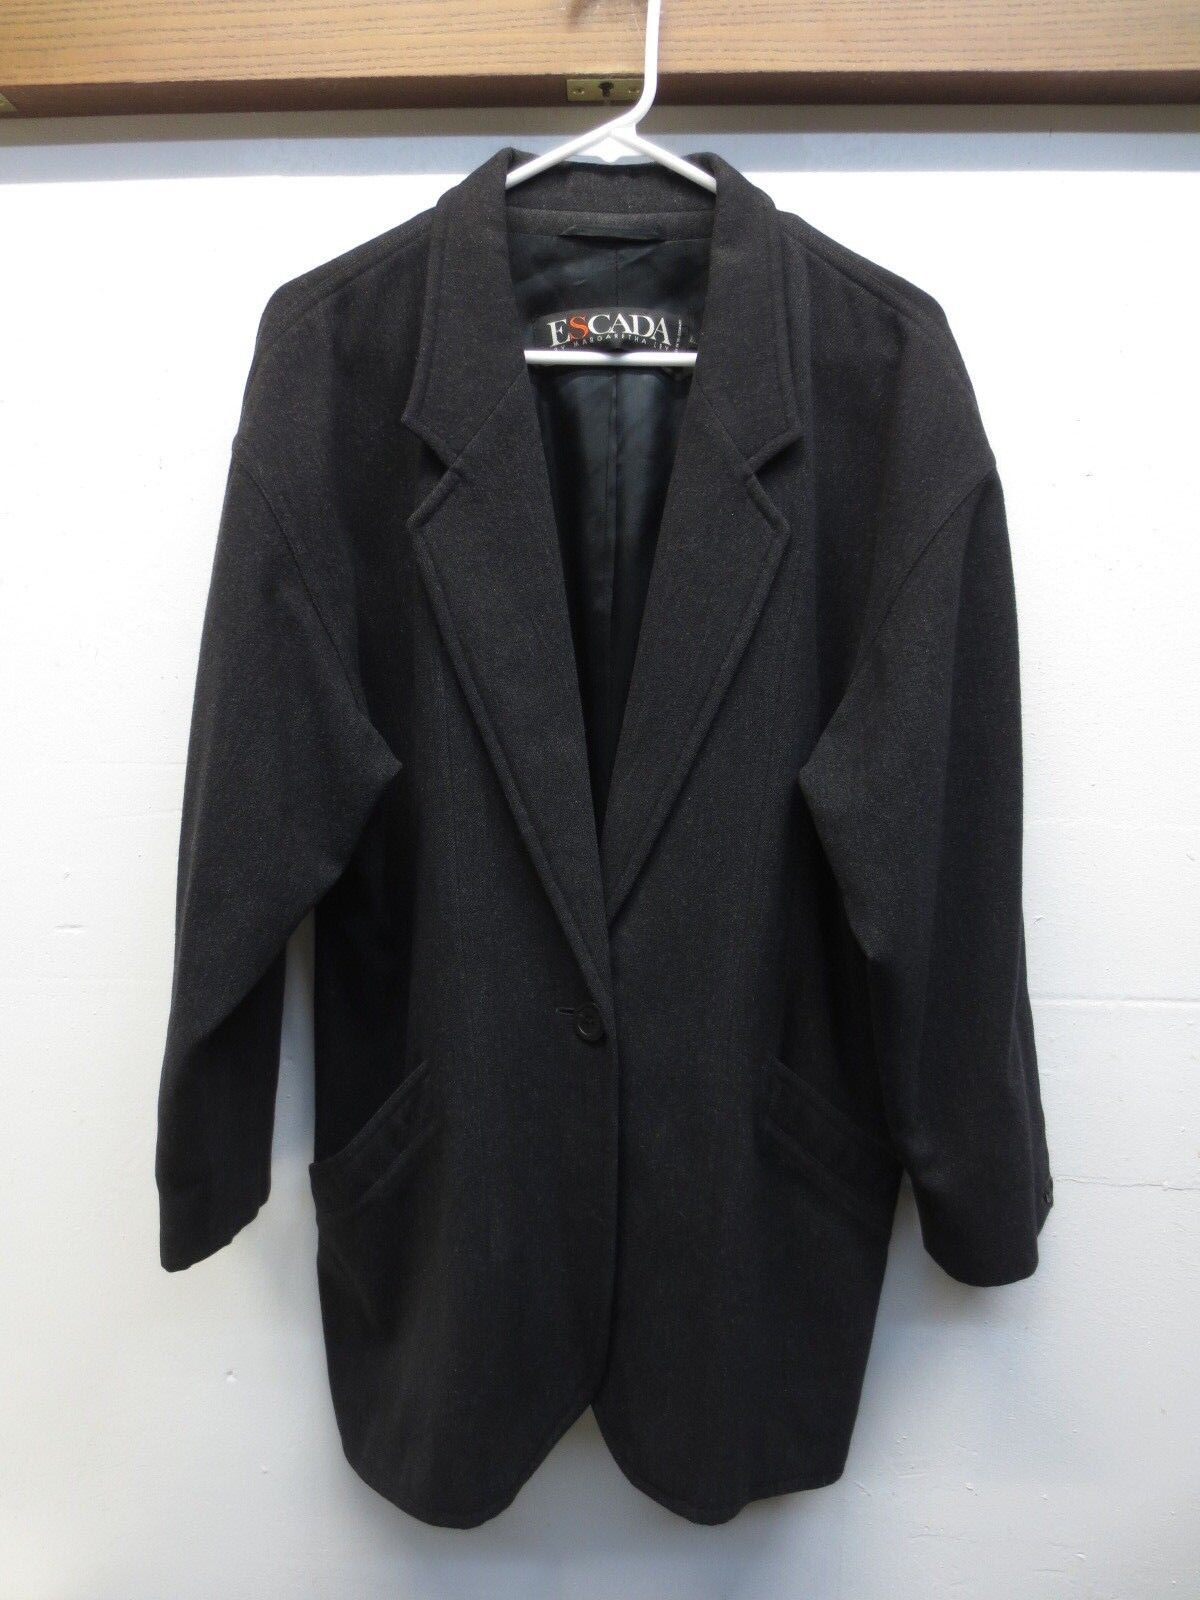 EUC Vtg W. German Escada by Margaretha Ley Wool Blazer Coat Charcoal Sz 42 US 10